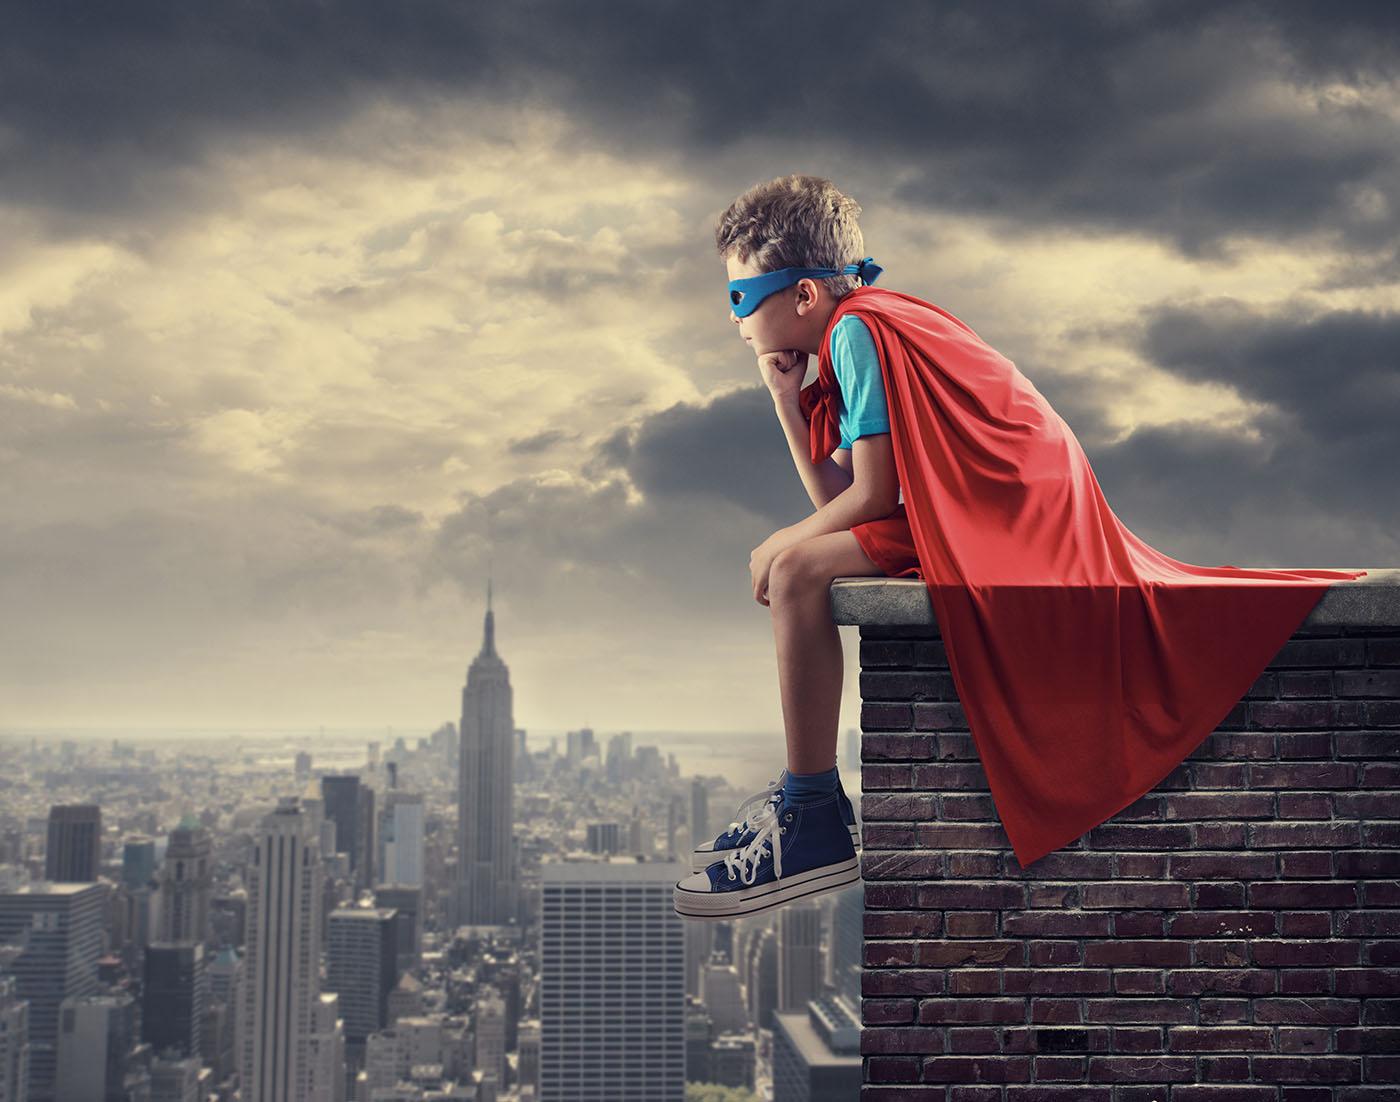 Hero Dream